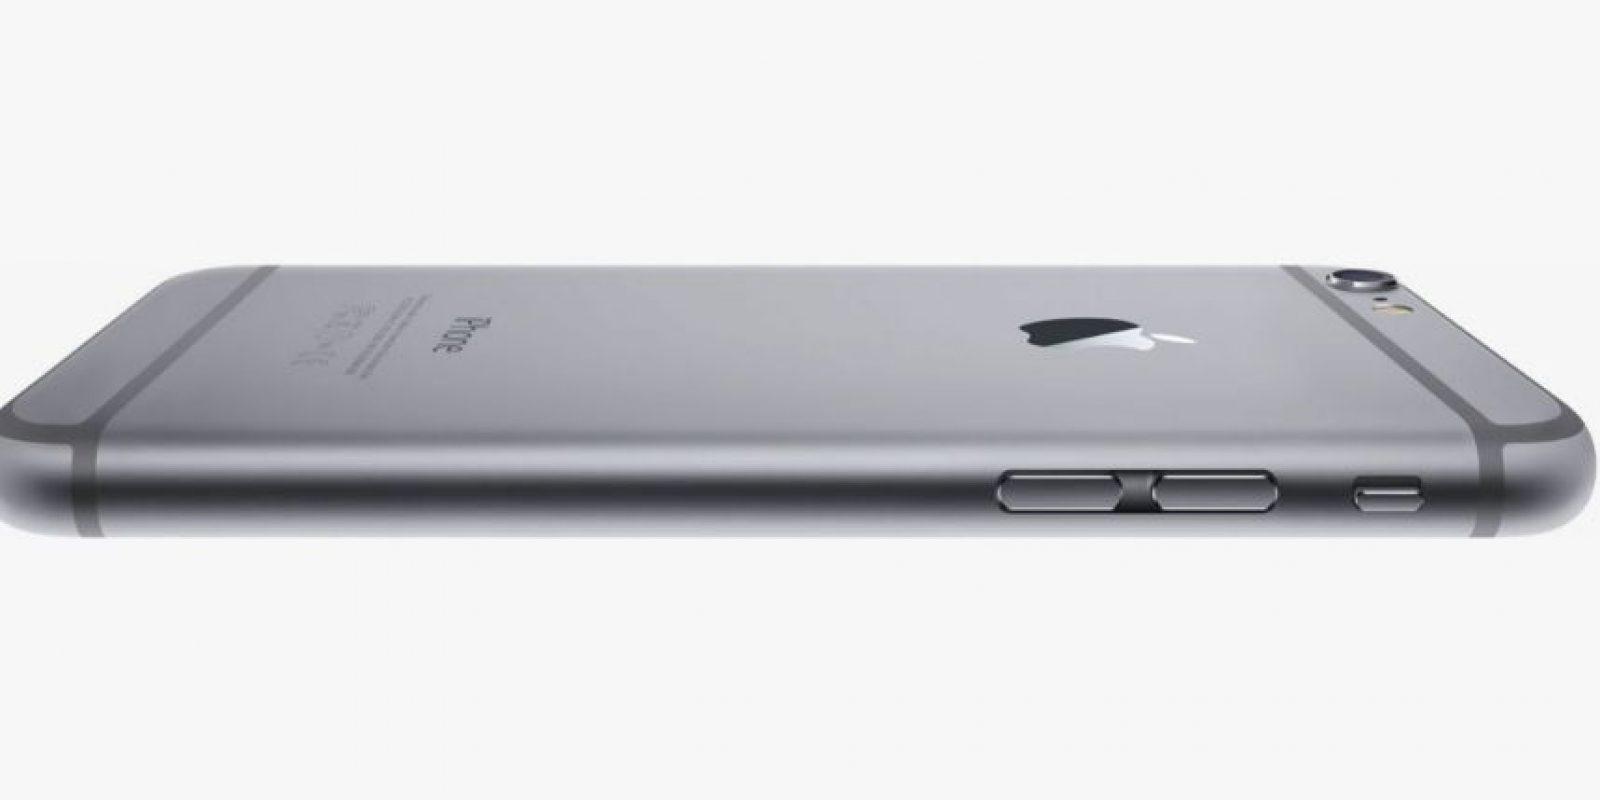 Expertos opinan que el nombre del próximo iPhone podría ser iPhone 6C, iPhone 6S o iPhone 7 Foto:Apple